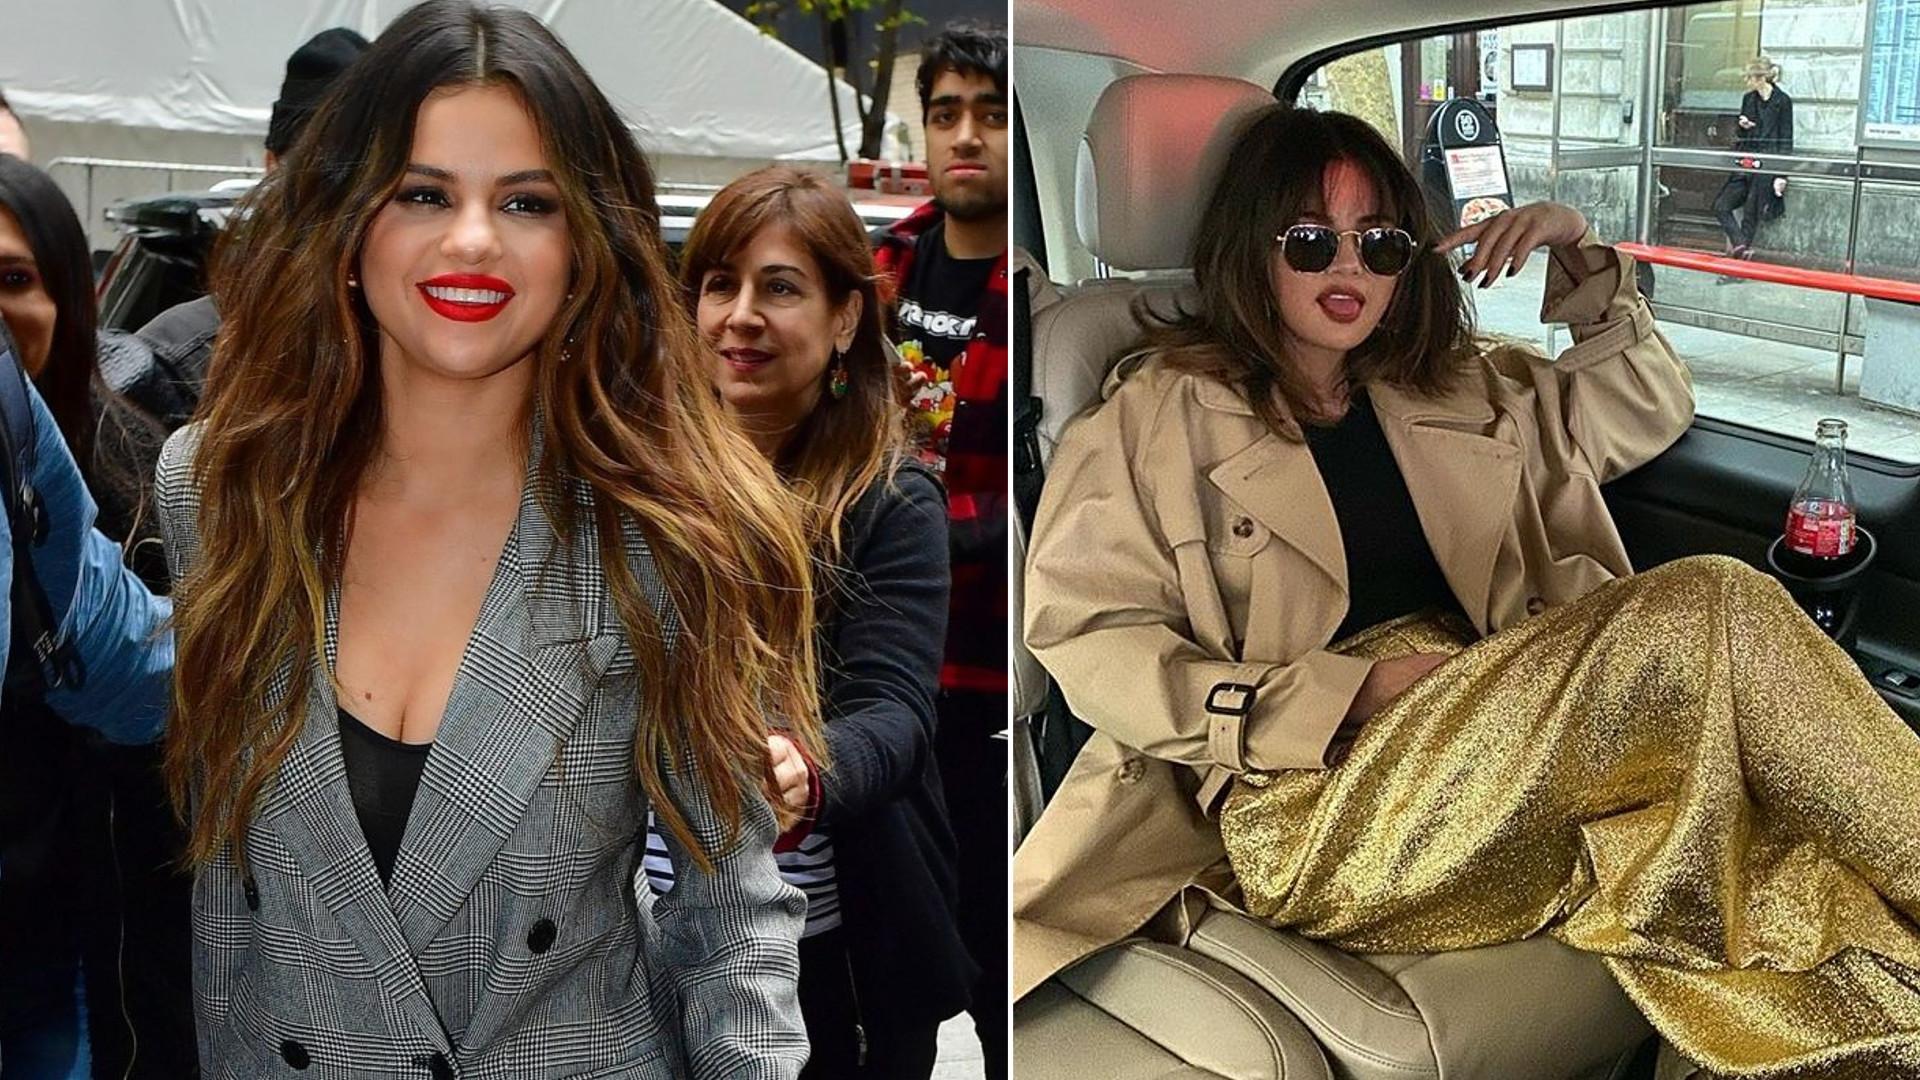 Selena Gomez jest przeciwniczką Instagrama? Gdyby mogła, to usunęłaby apkę bez zastanowienia!